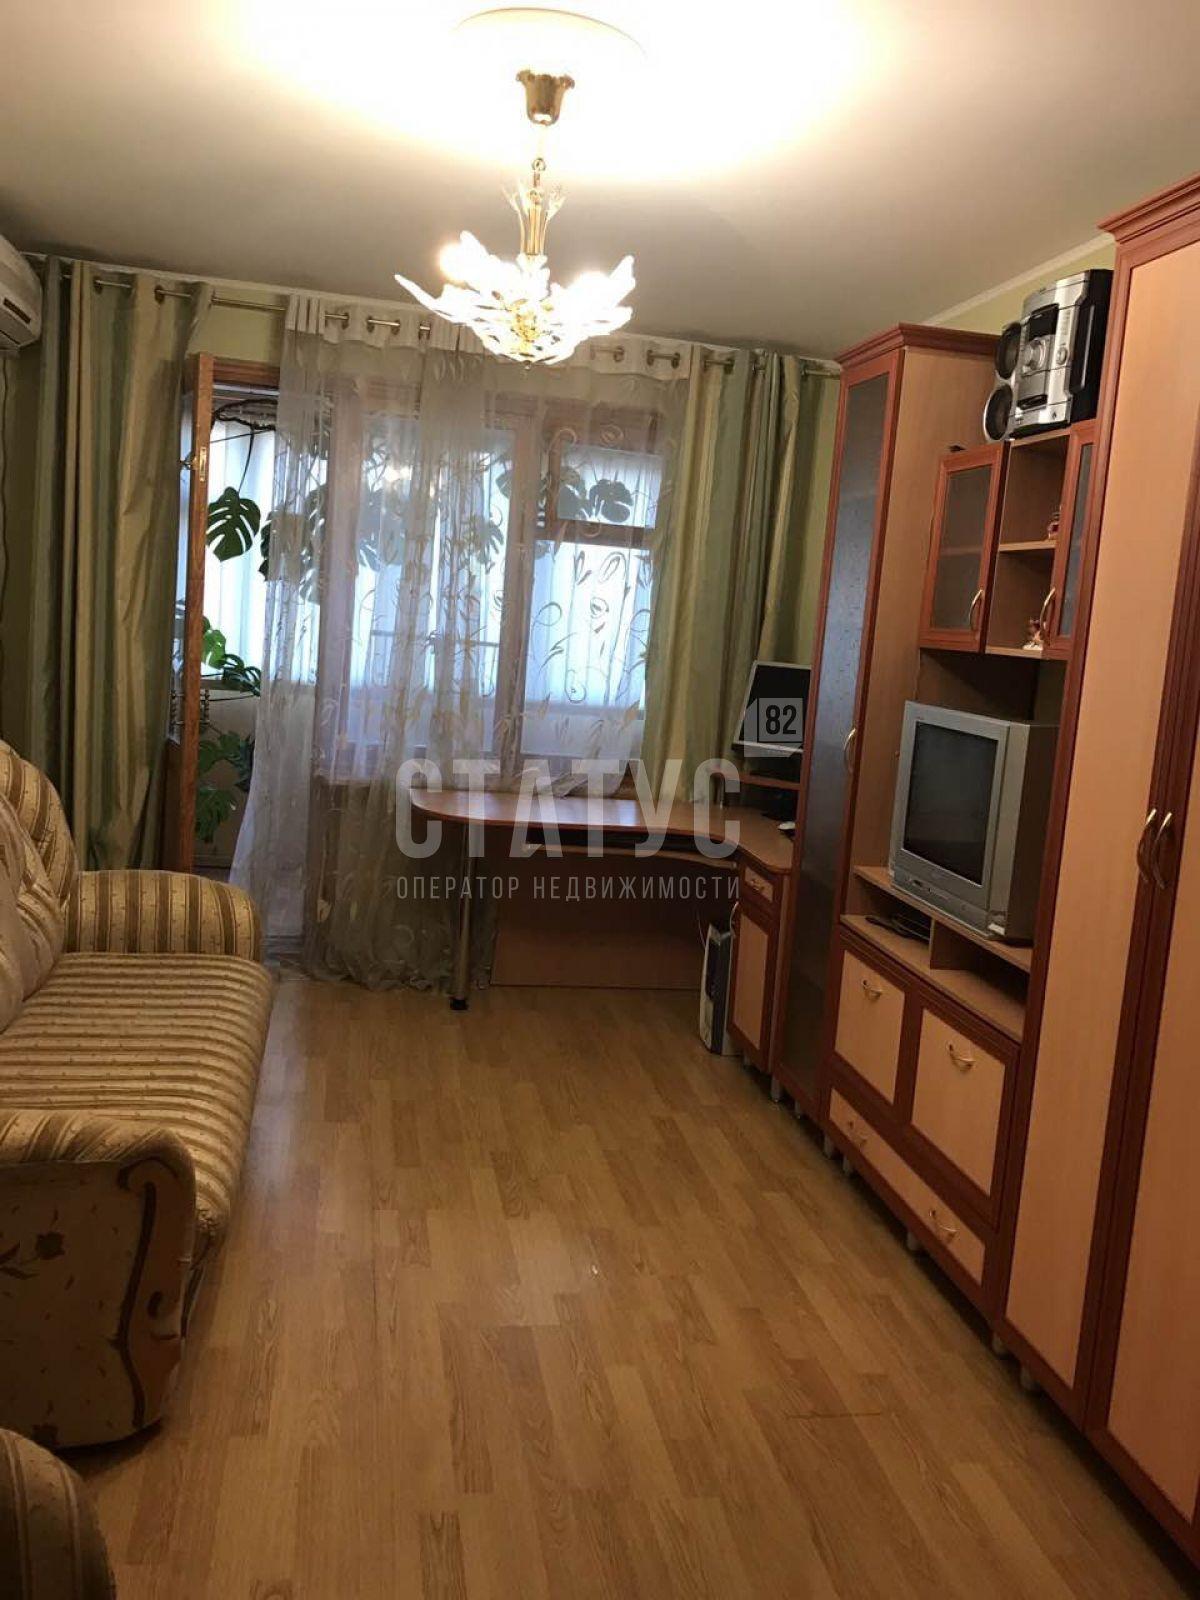 Квартира в аренду по адресу Россия, Республика Крым, Ялта, Строителей ул, 9